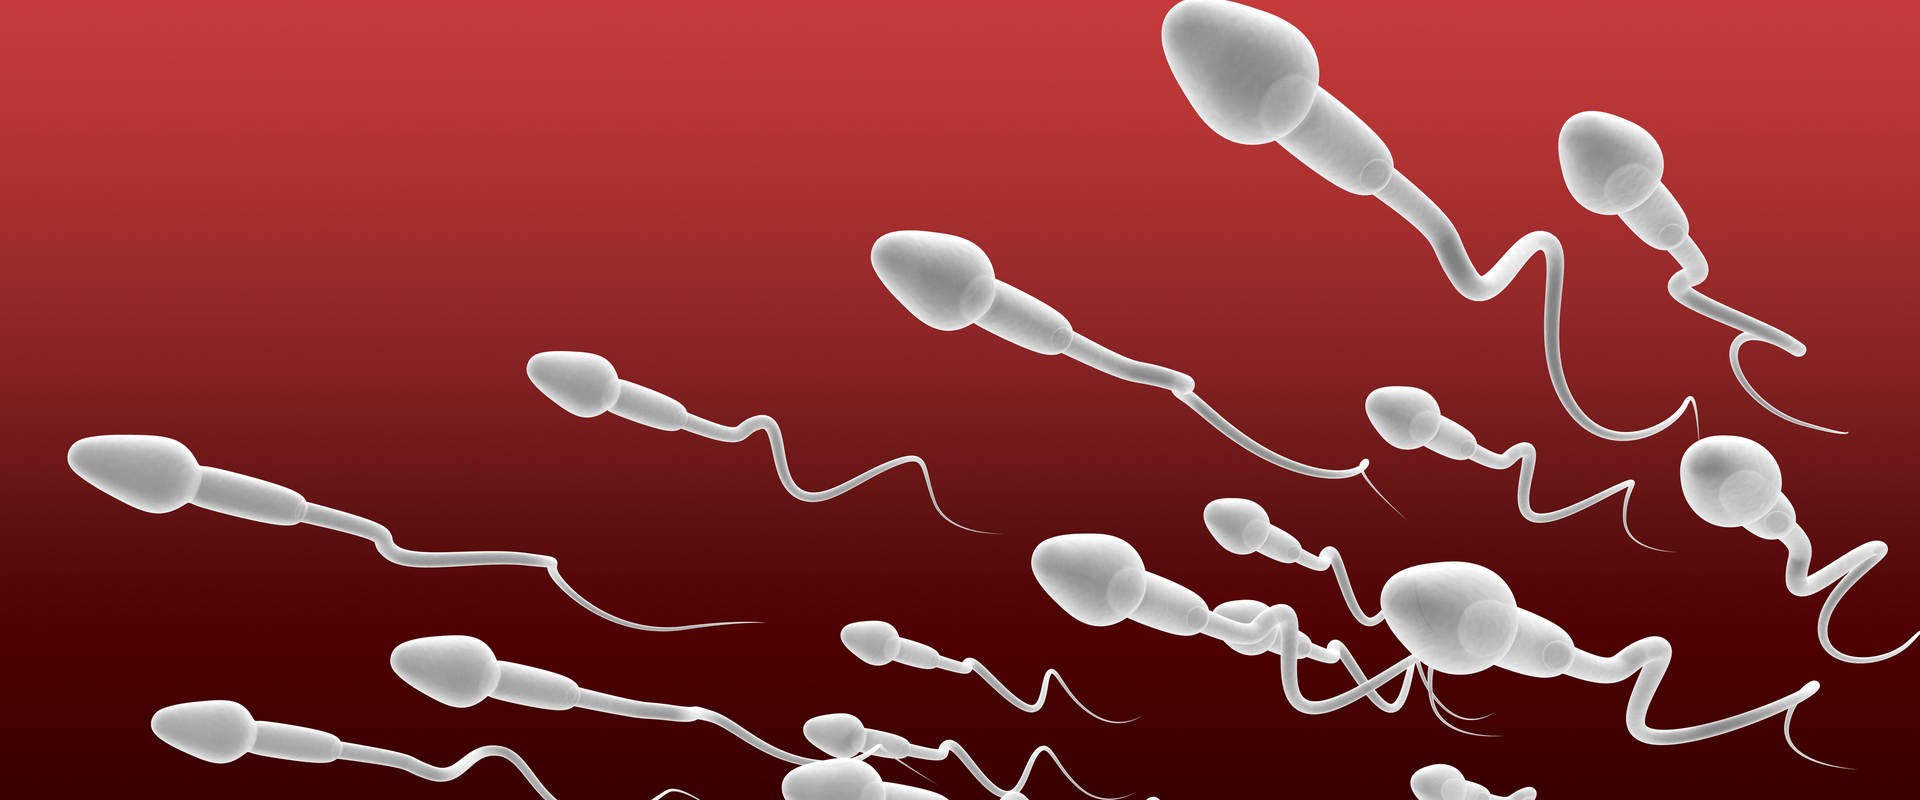 Sperm Count Drop Could Make Us Extinct